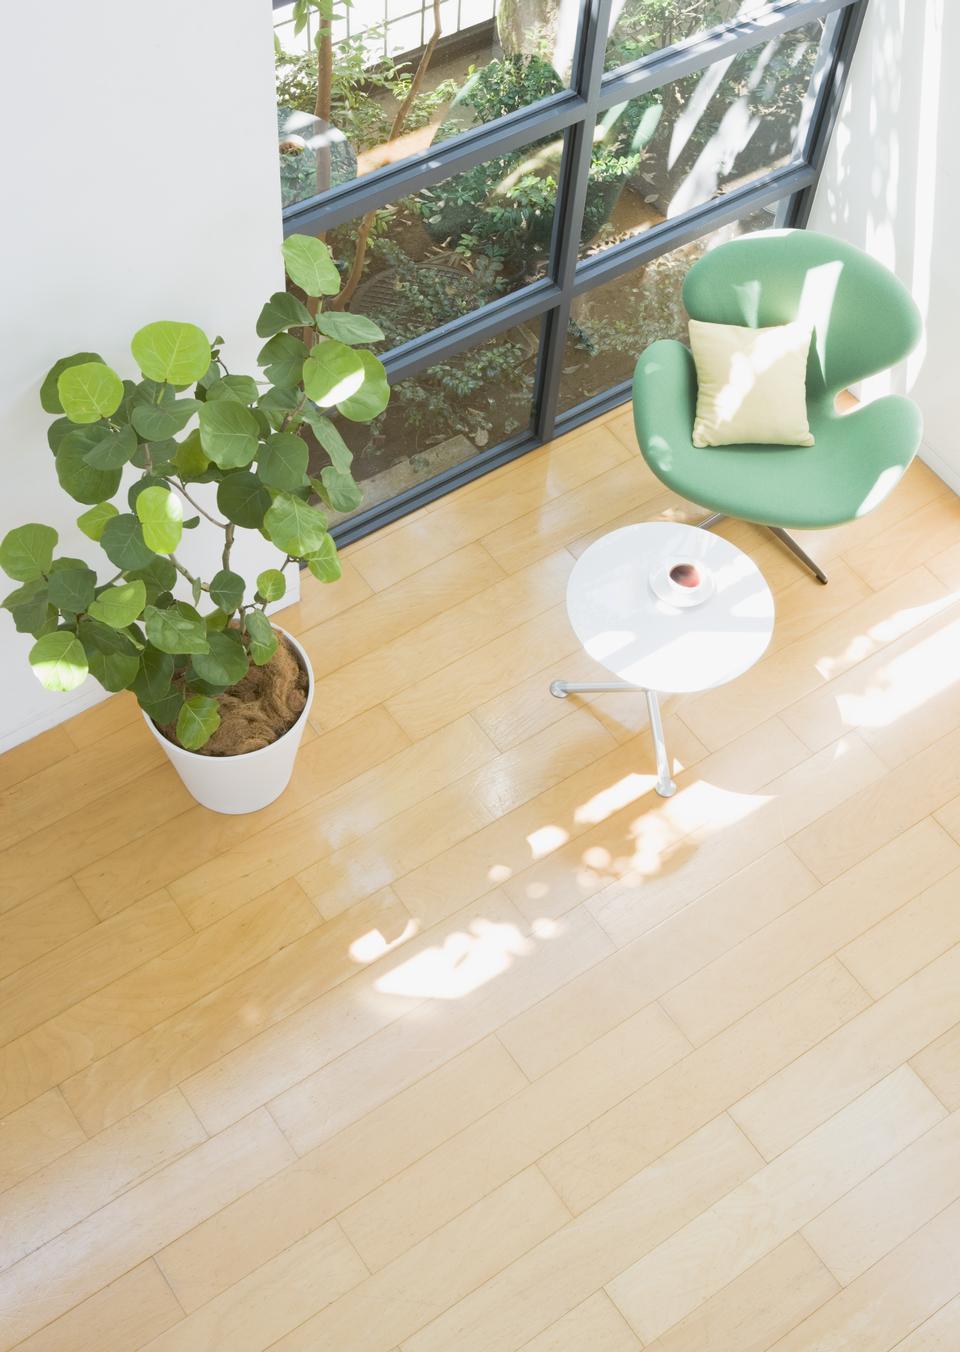 テーブルは次の庭に家の中で植物の部屋の議長を務めます